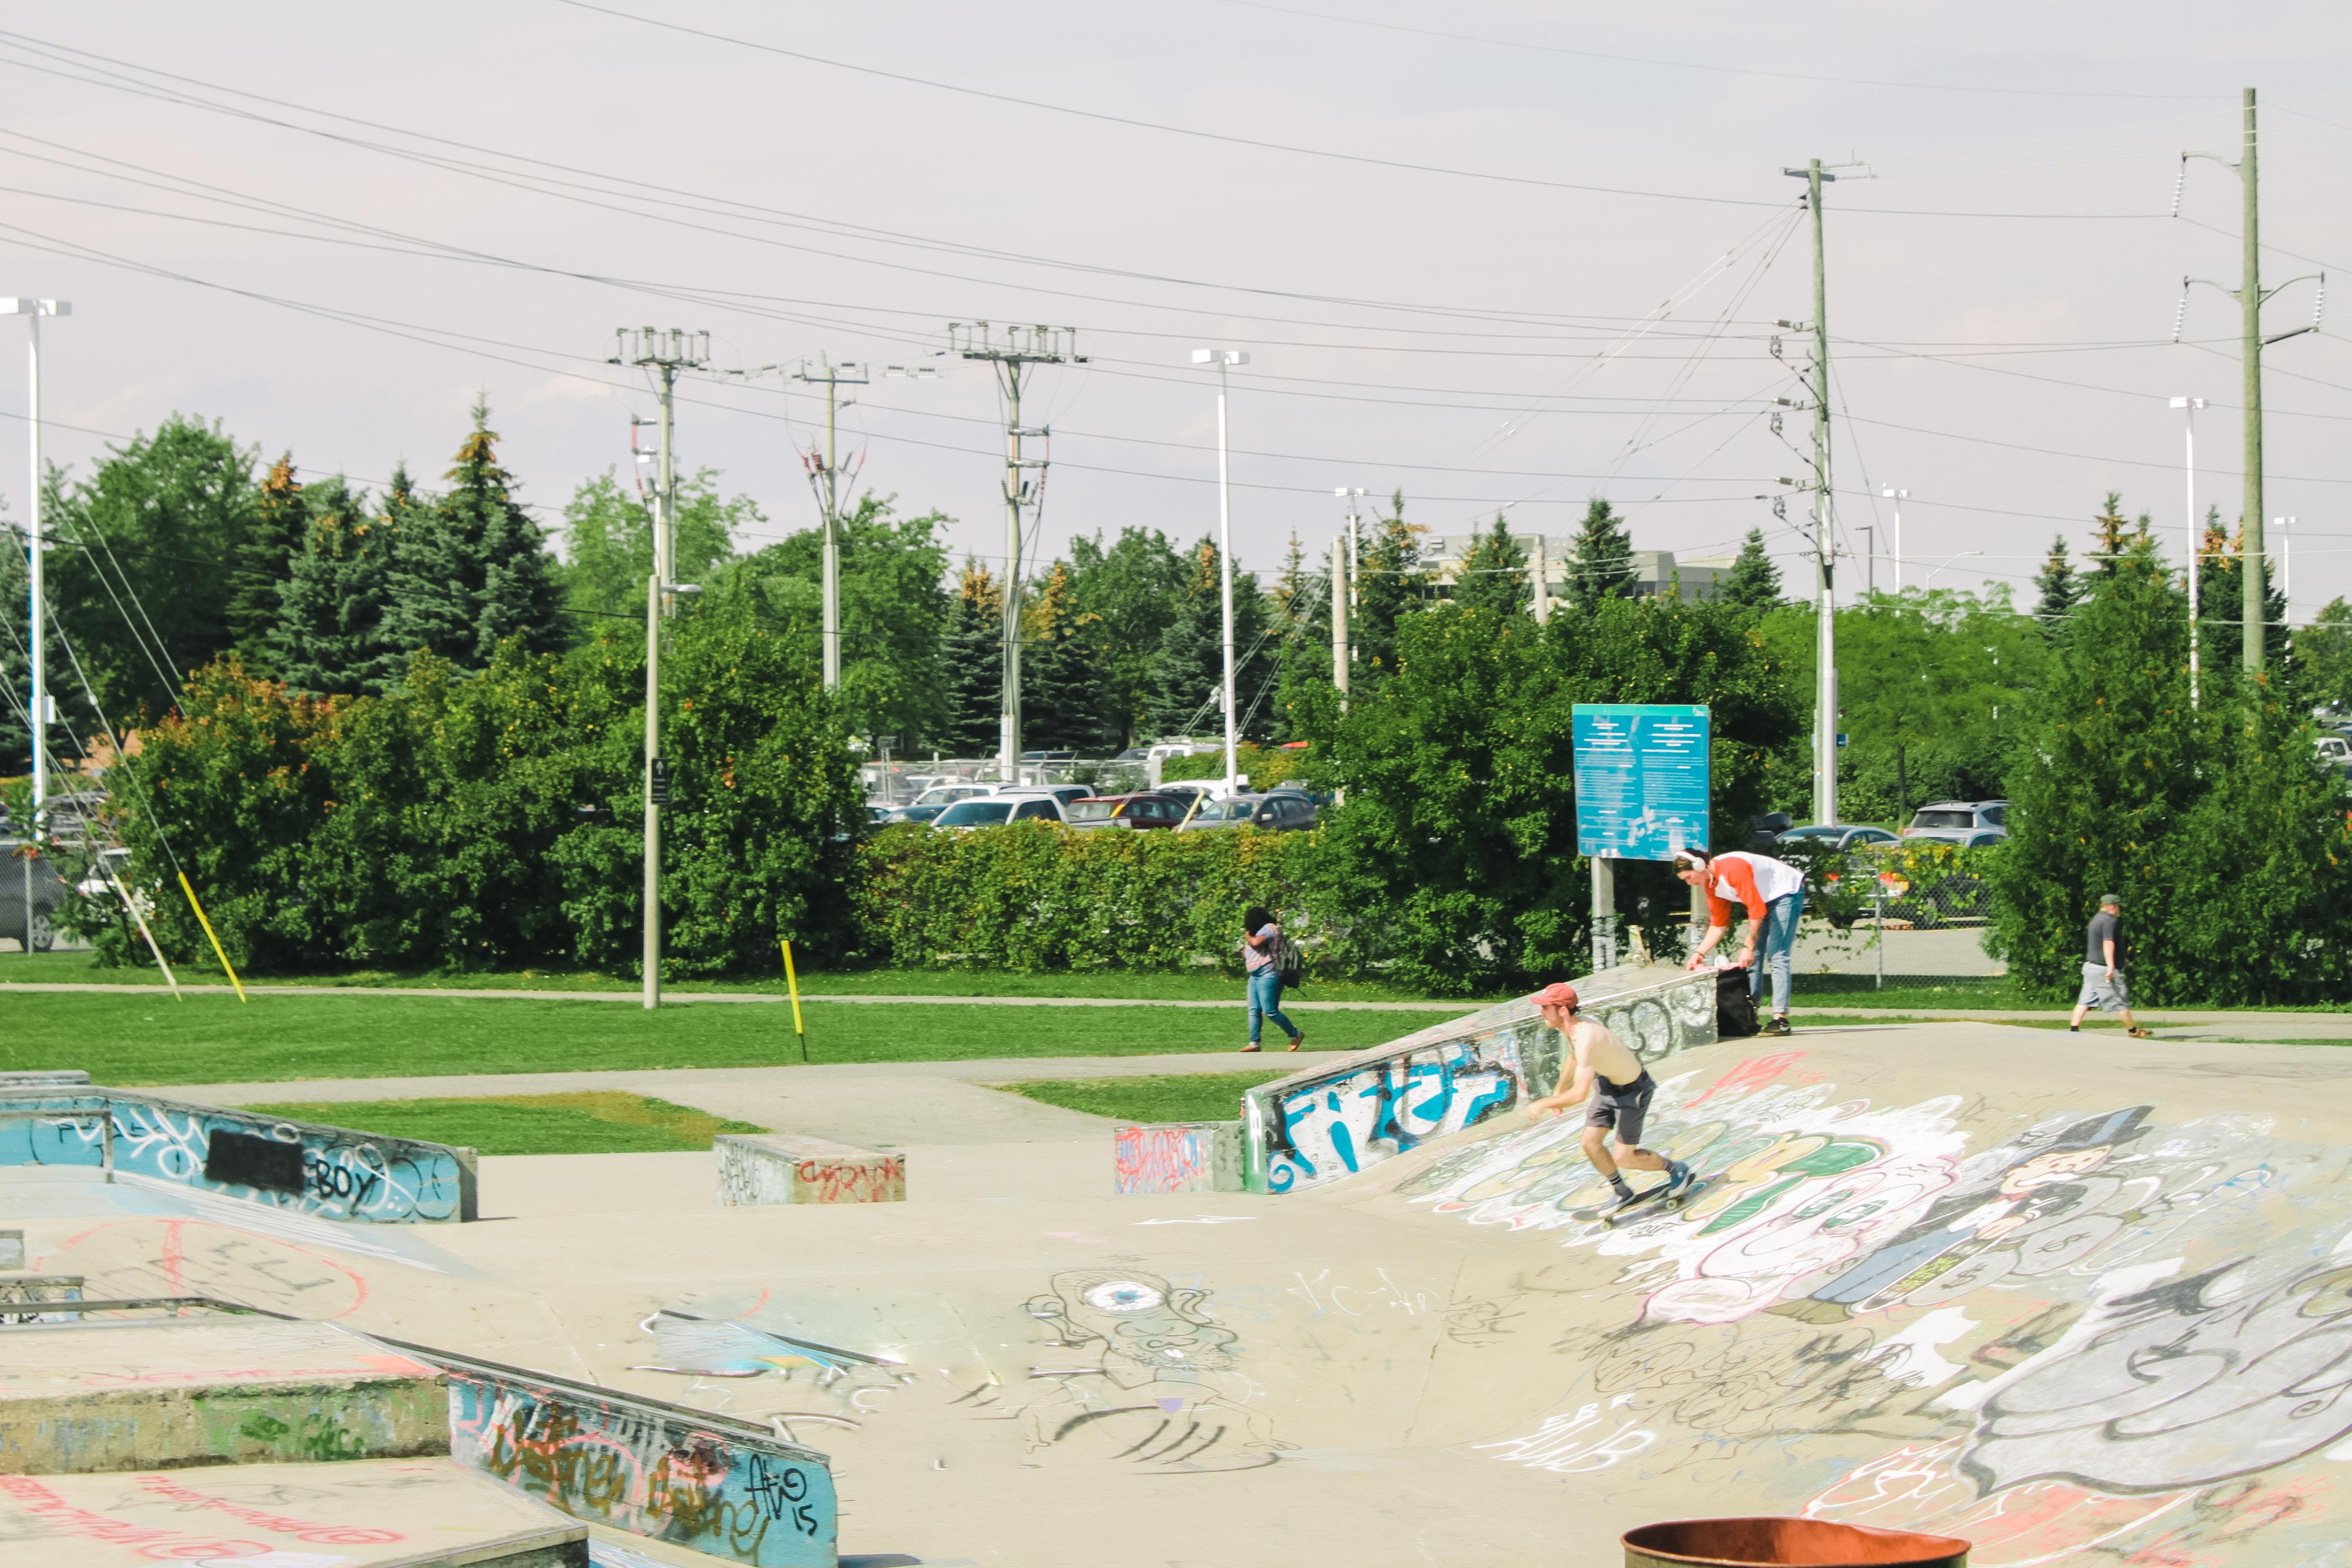 Centerpoint Skate Park